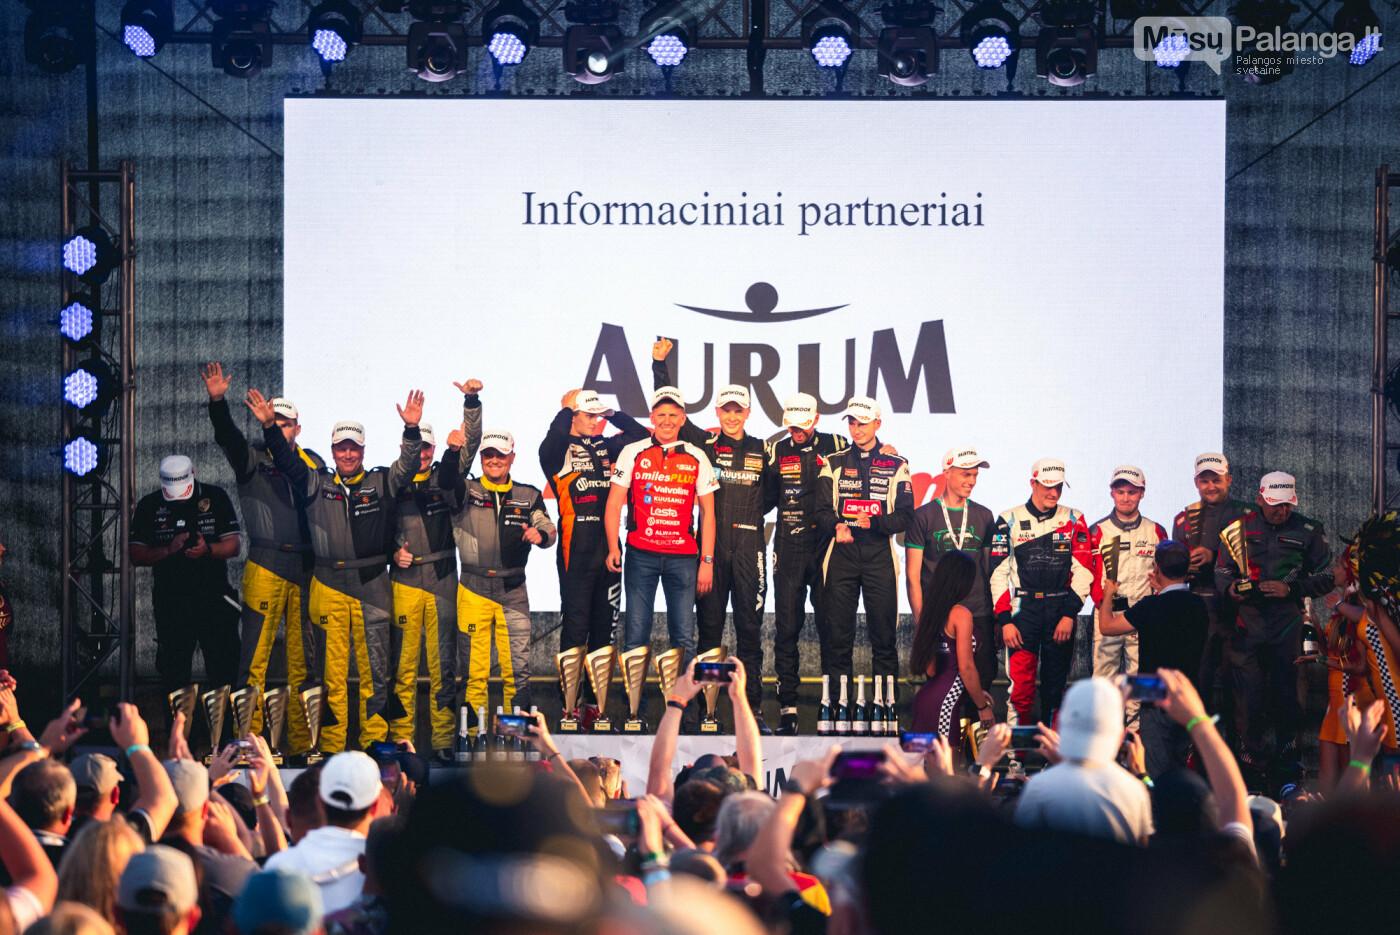 """""""Aurum 1006 km"""" lenktynėse Palangoje – praėjusių metų nugalėtojų triumfas , nuotrauka-10, Vytauto PILKAUSKO ir Arno STRUMILOS nuotr."""